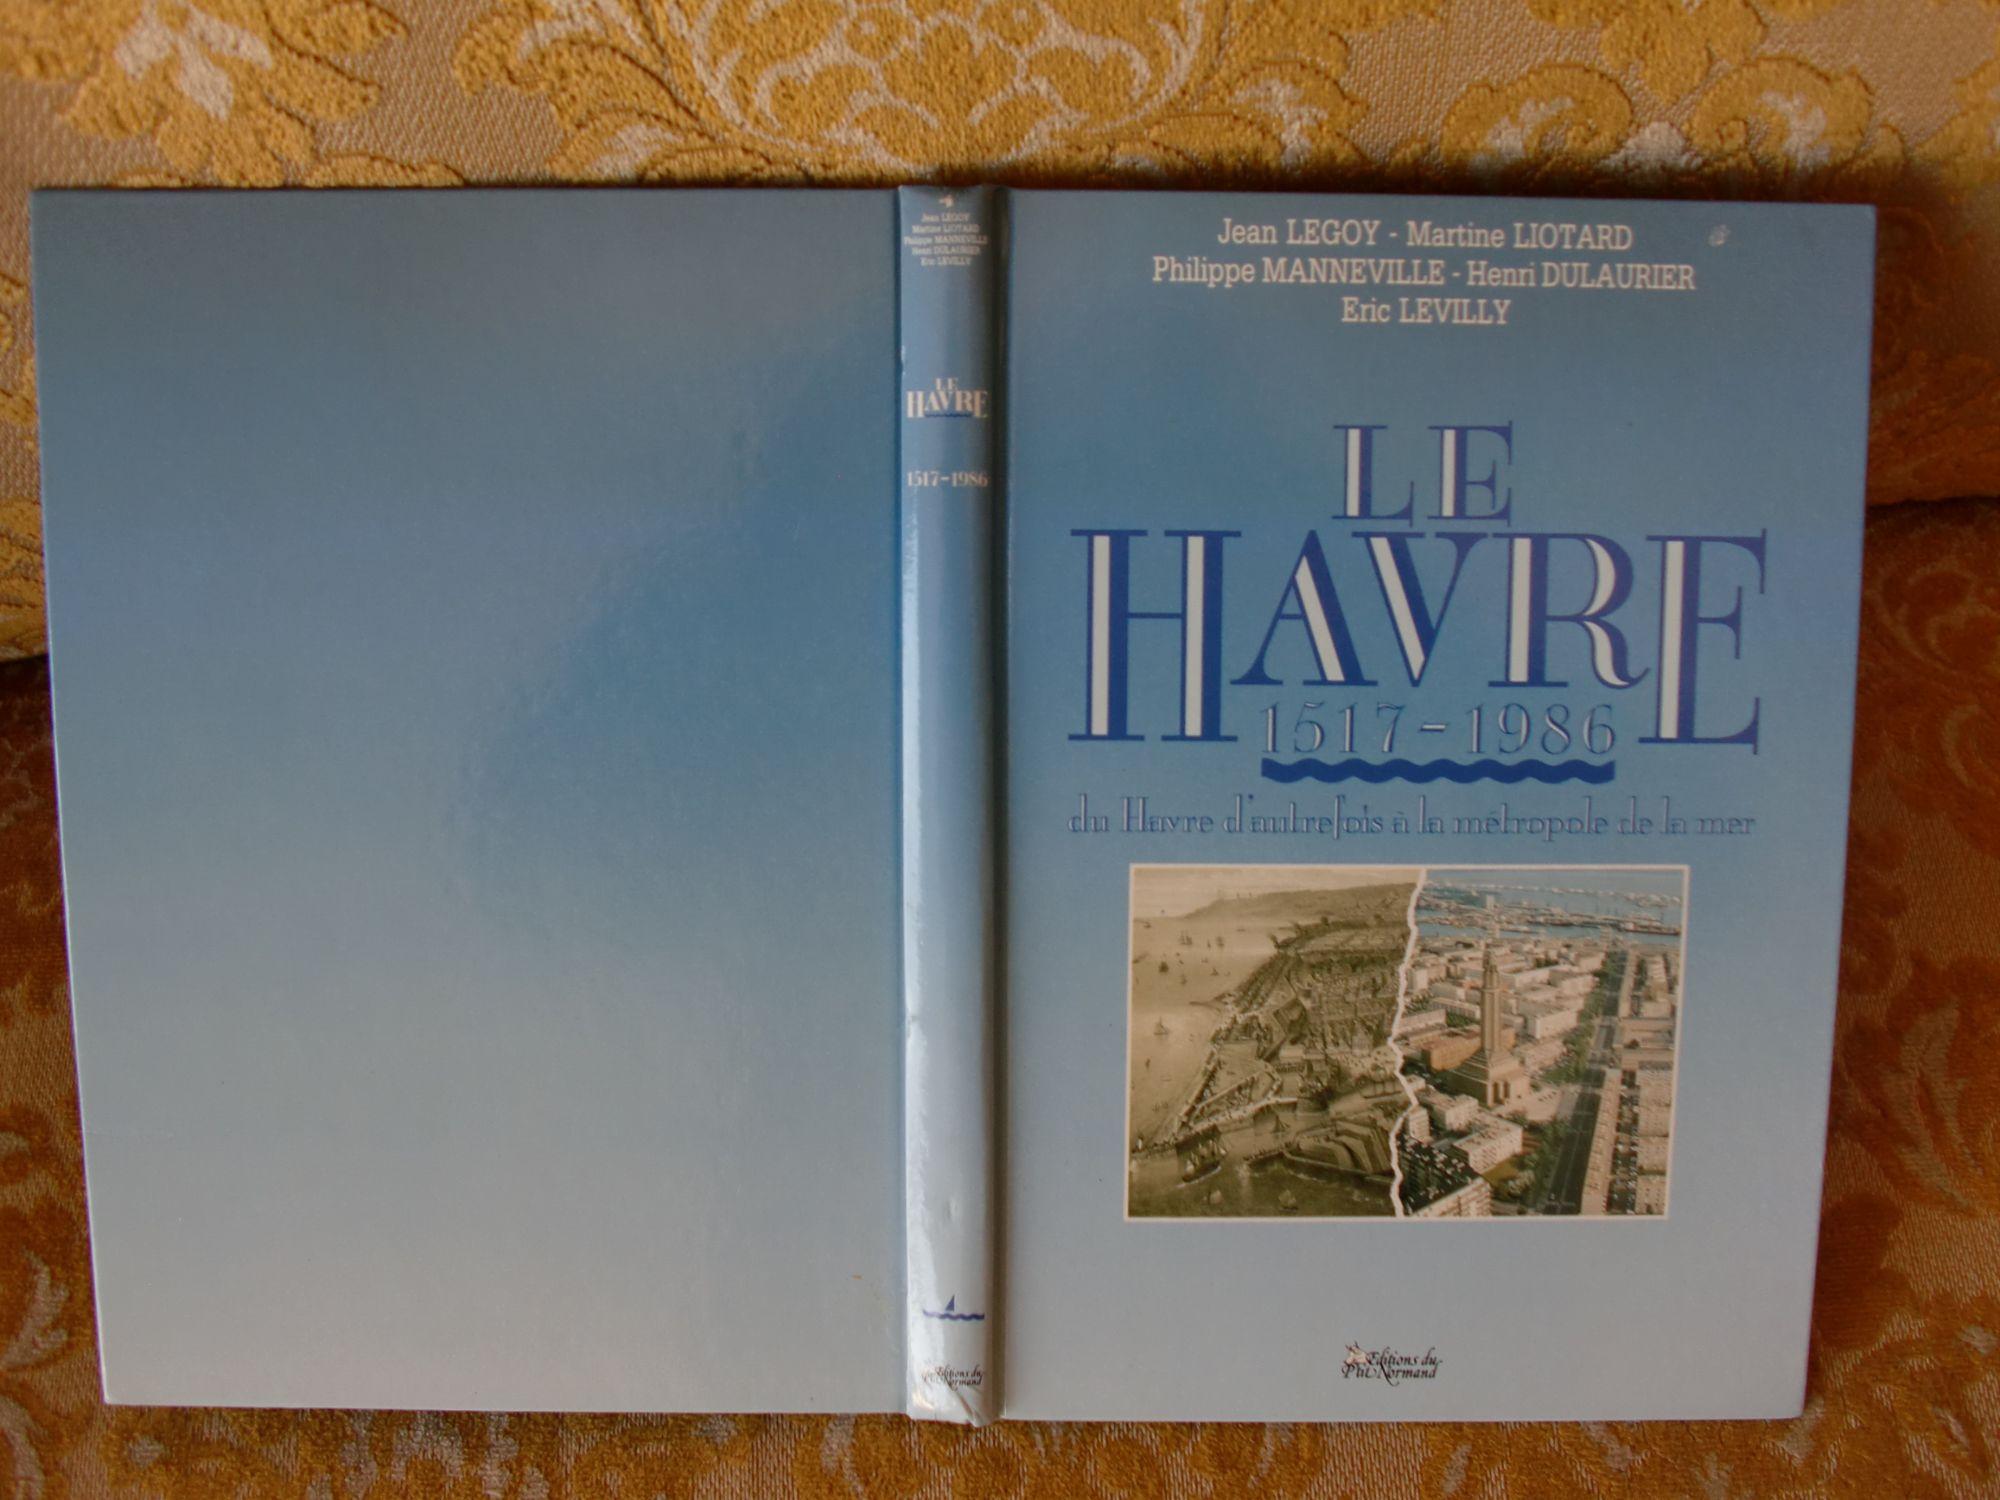 Le Havre - 1517-1986. Du Havre d'autrefois à la métropole de la mer